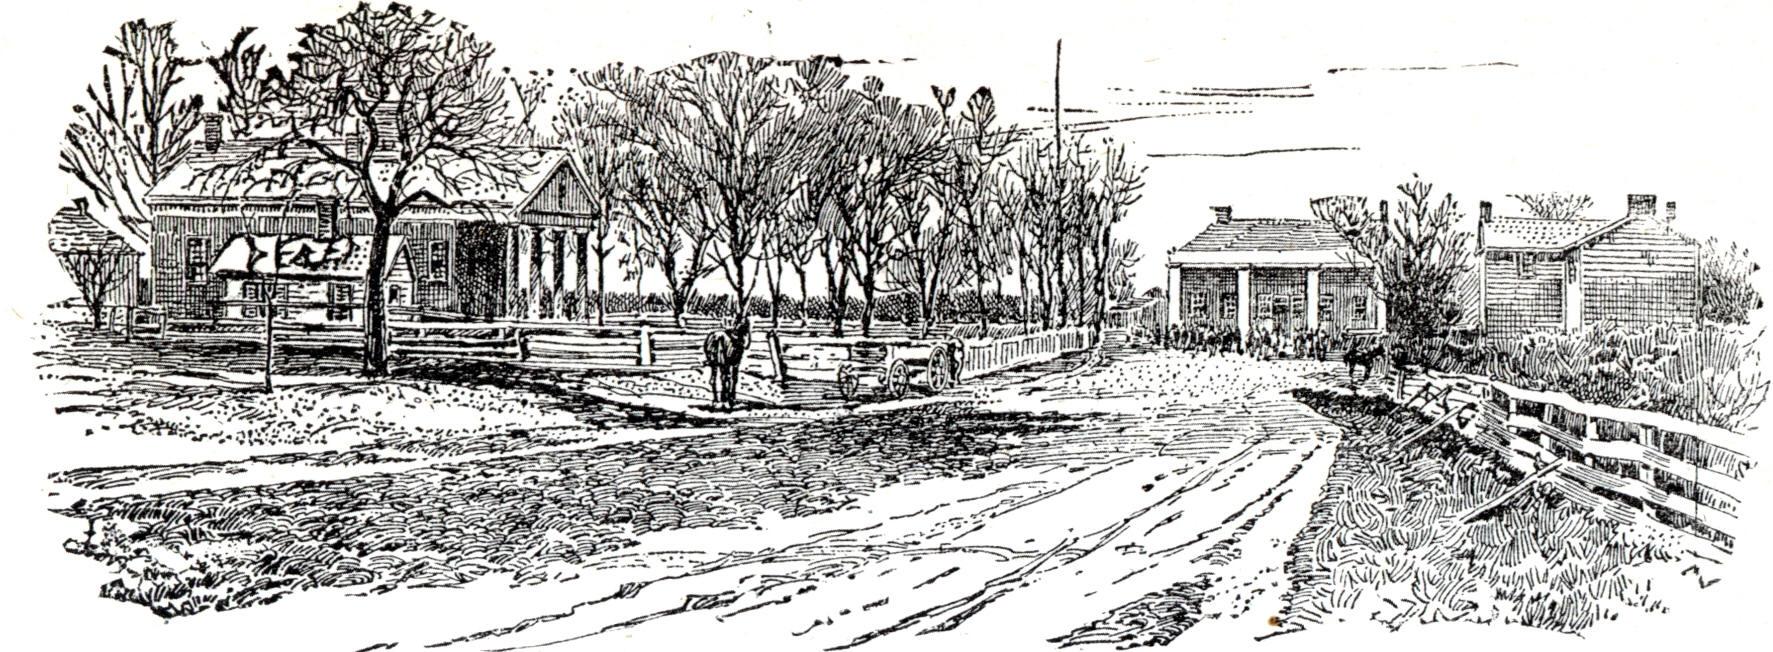 spotsylvania-courthouse